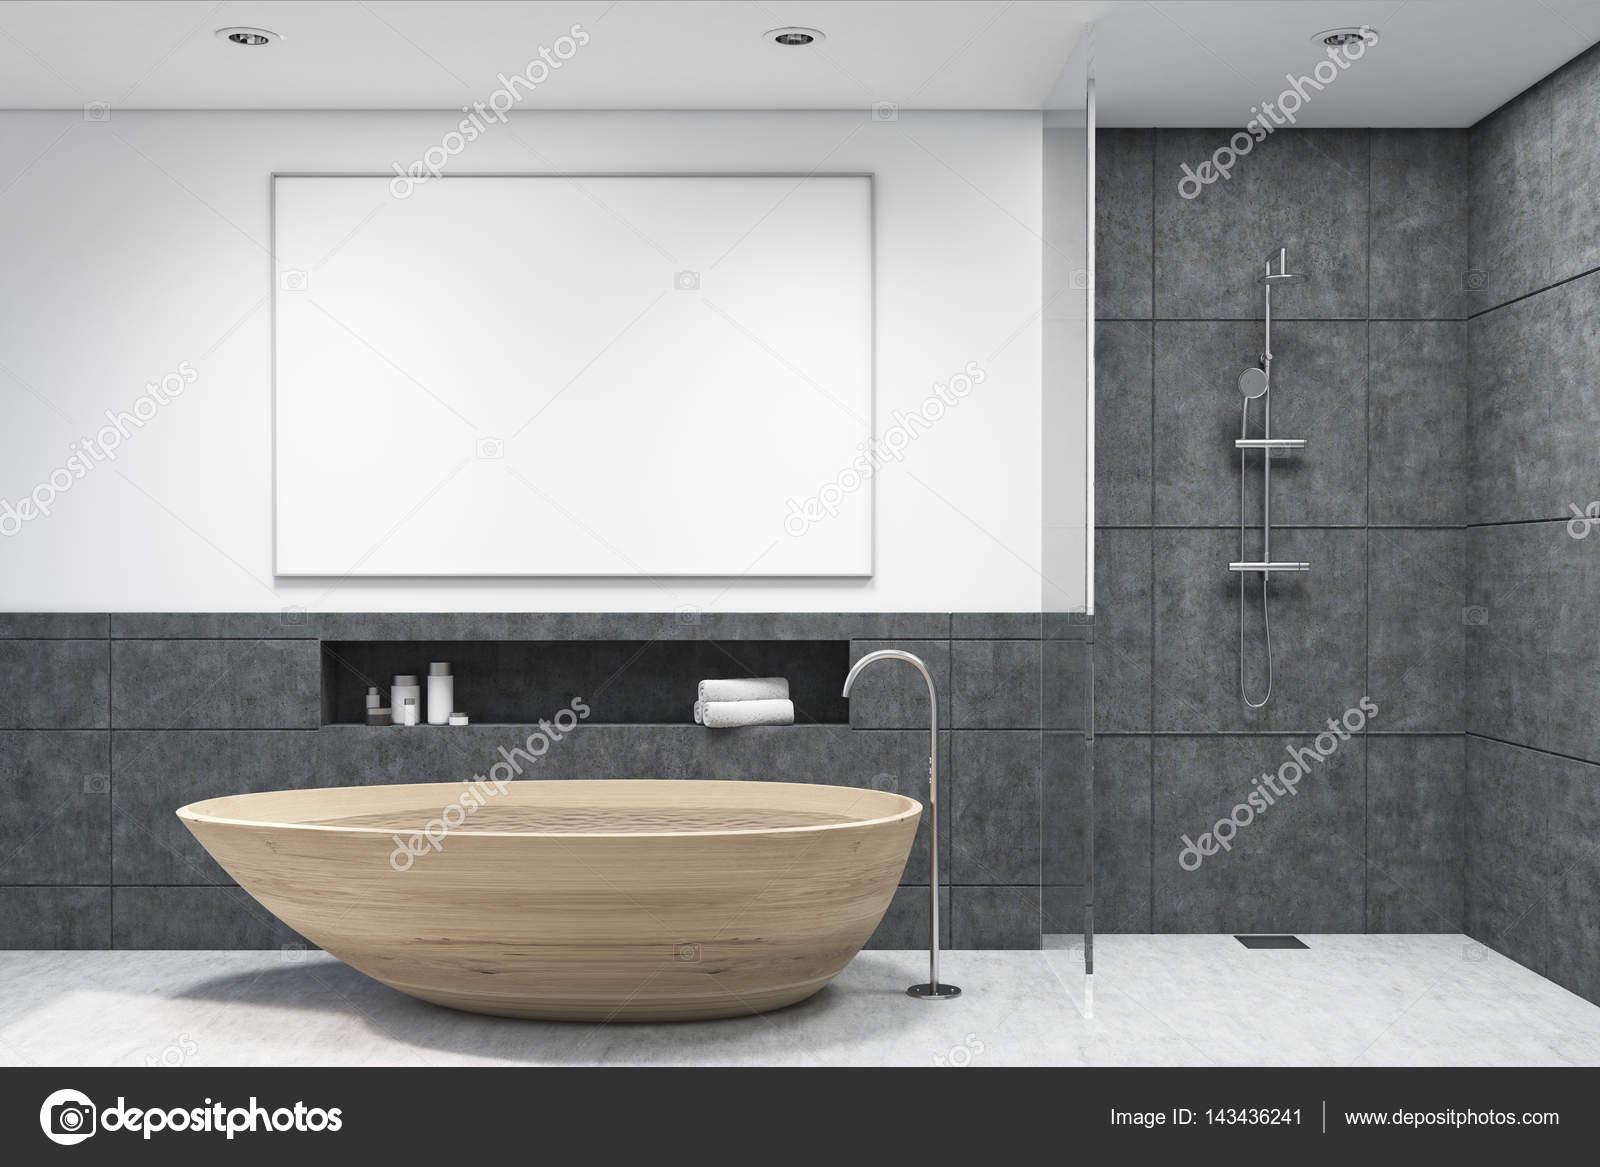 Bagno con vasca in legno poster orizzontale u foto stock